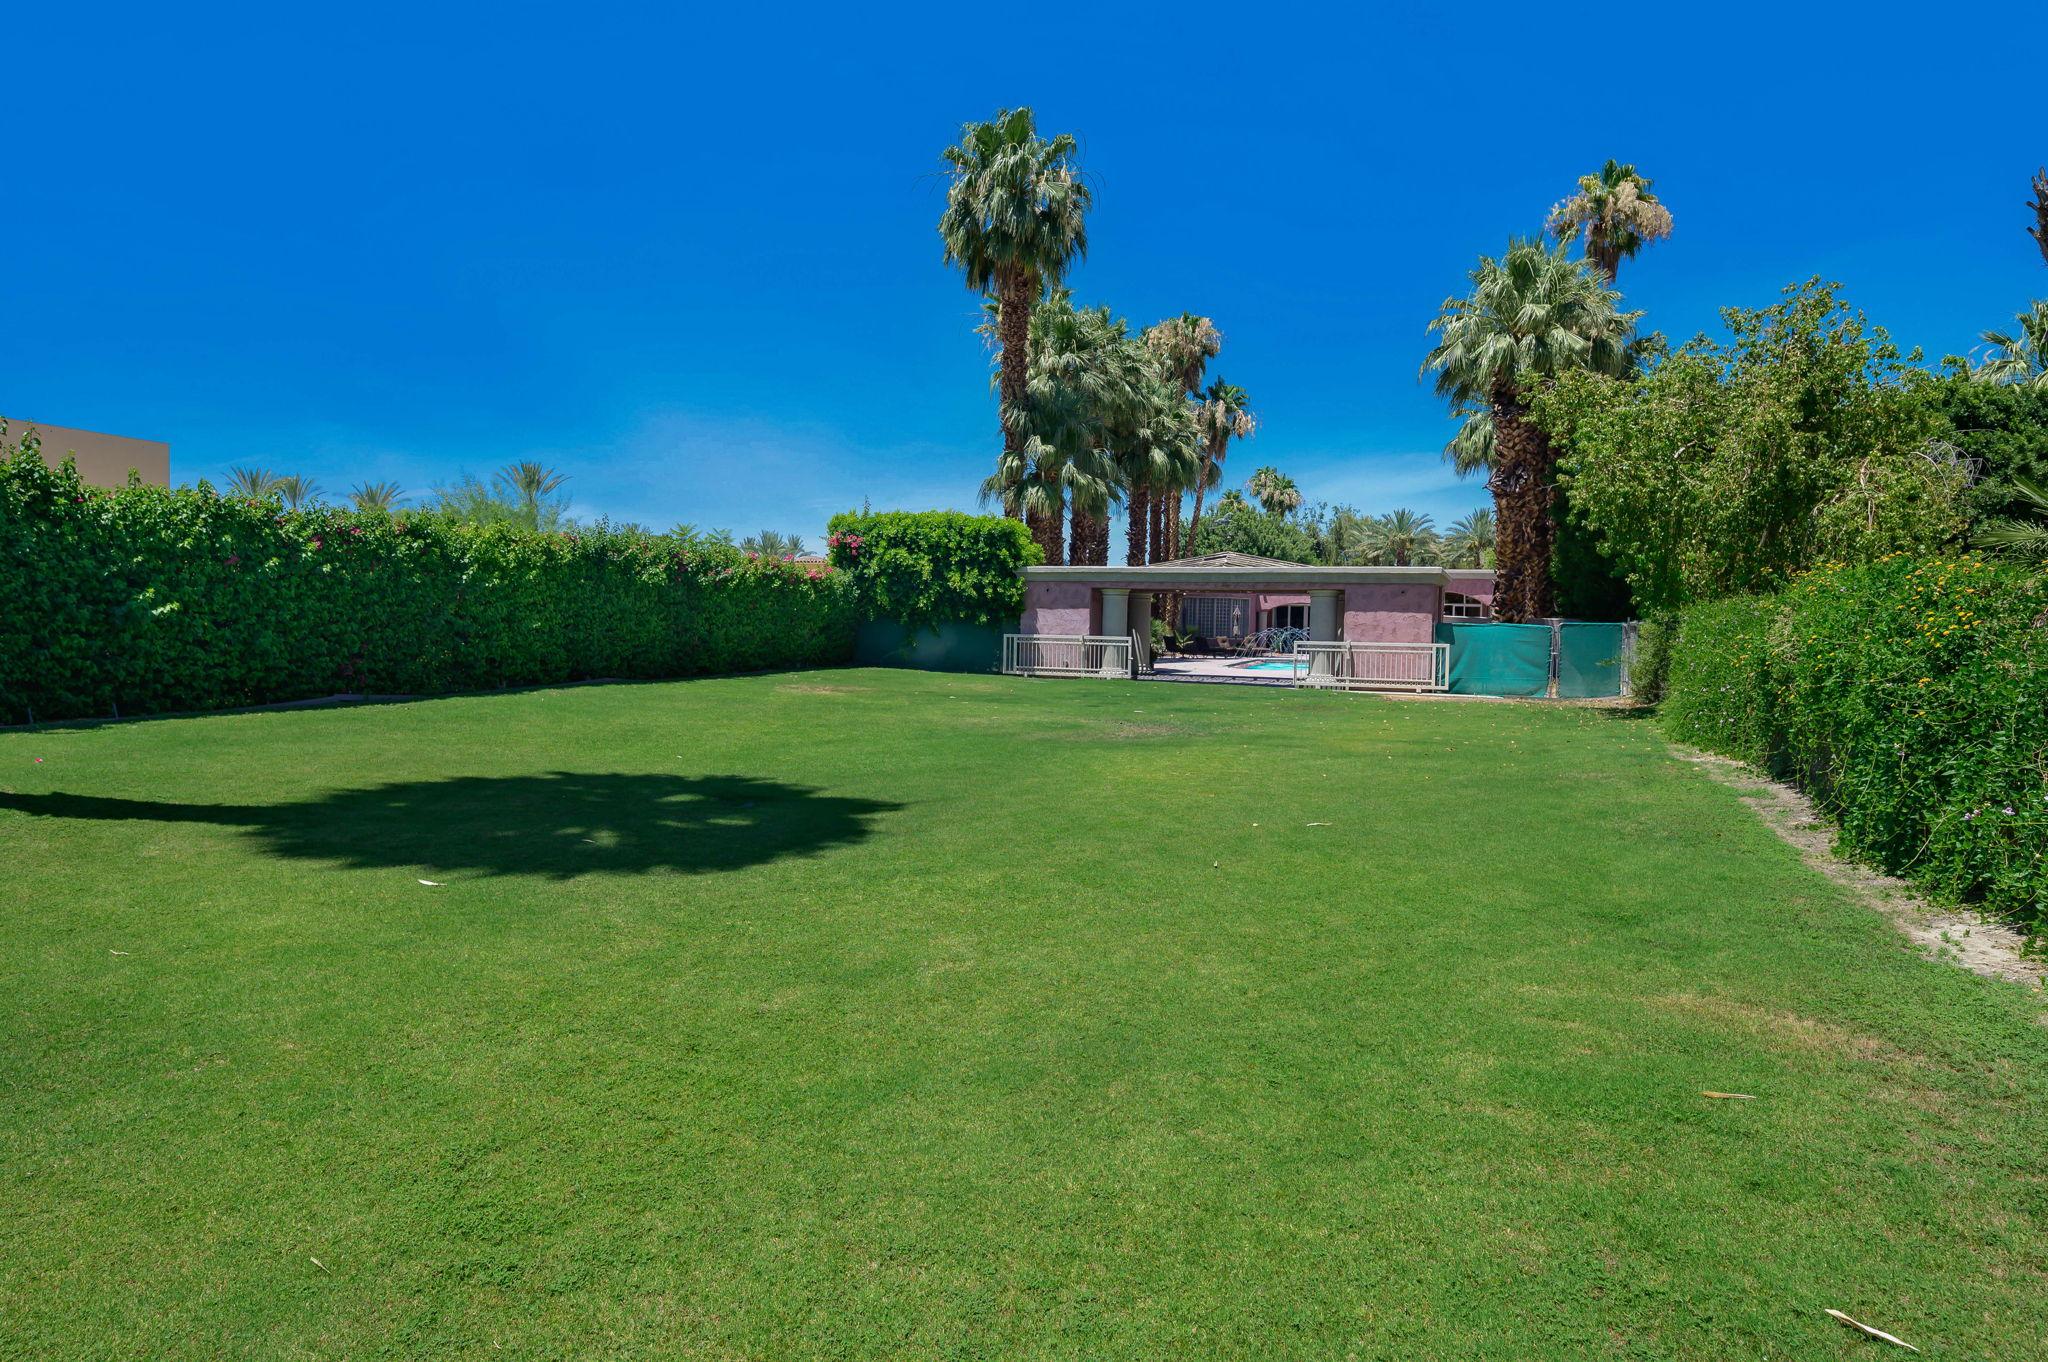 1+Von+Dehn+Rd+Rancho+Mirage-103-large.jpg